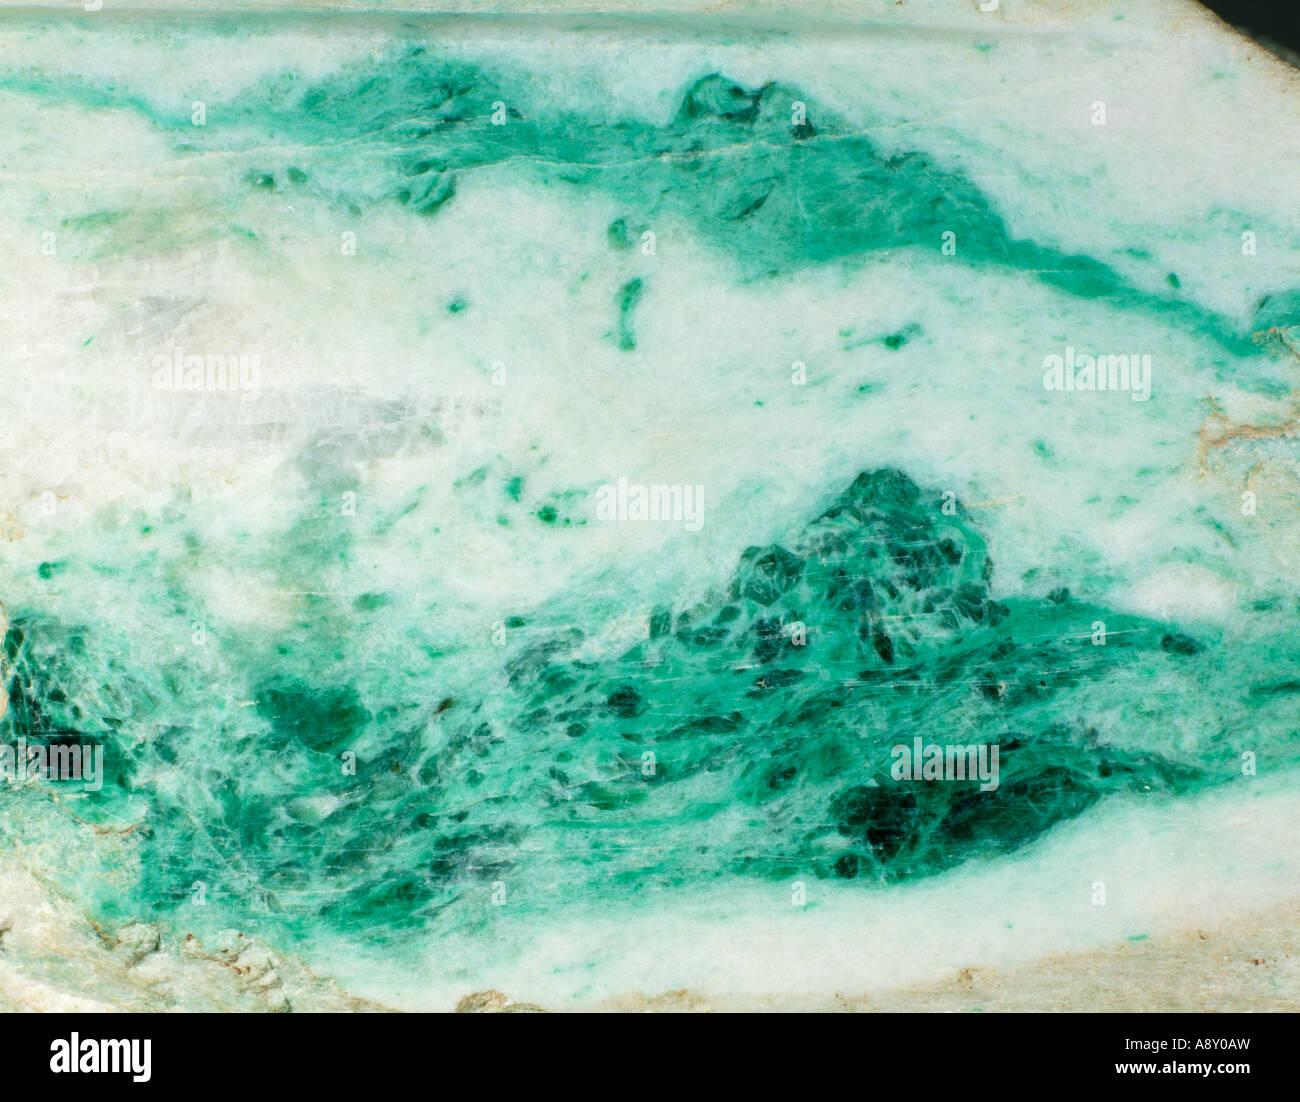 Polished slab of jade - Stock Image